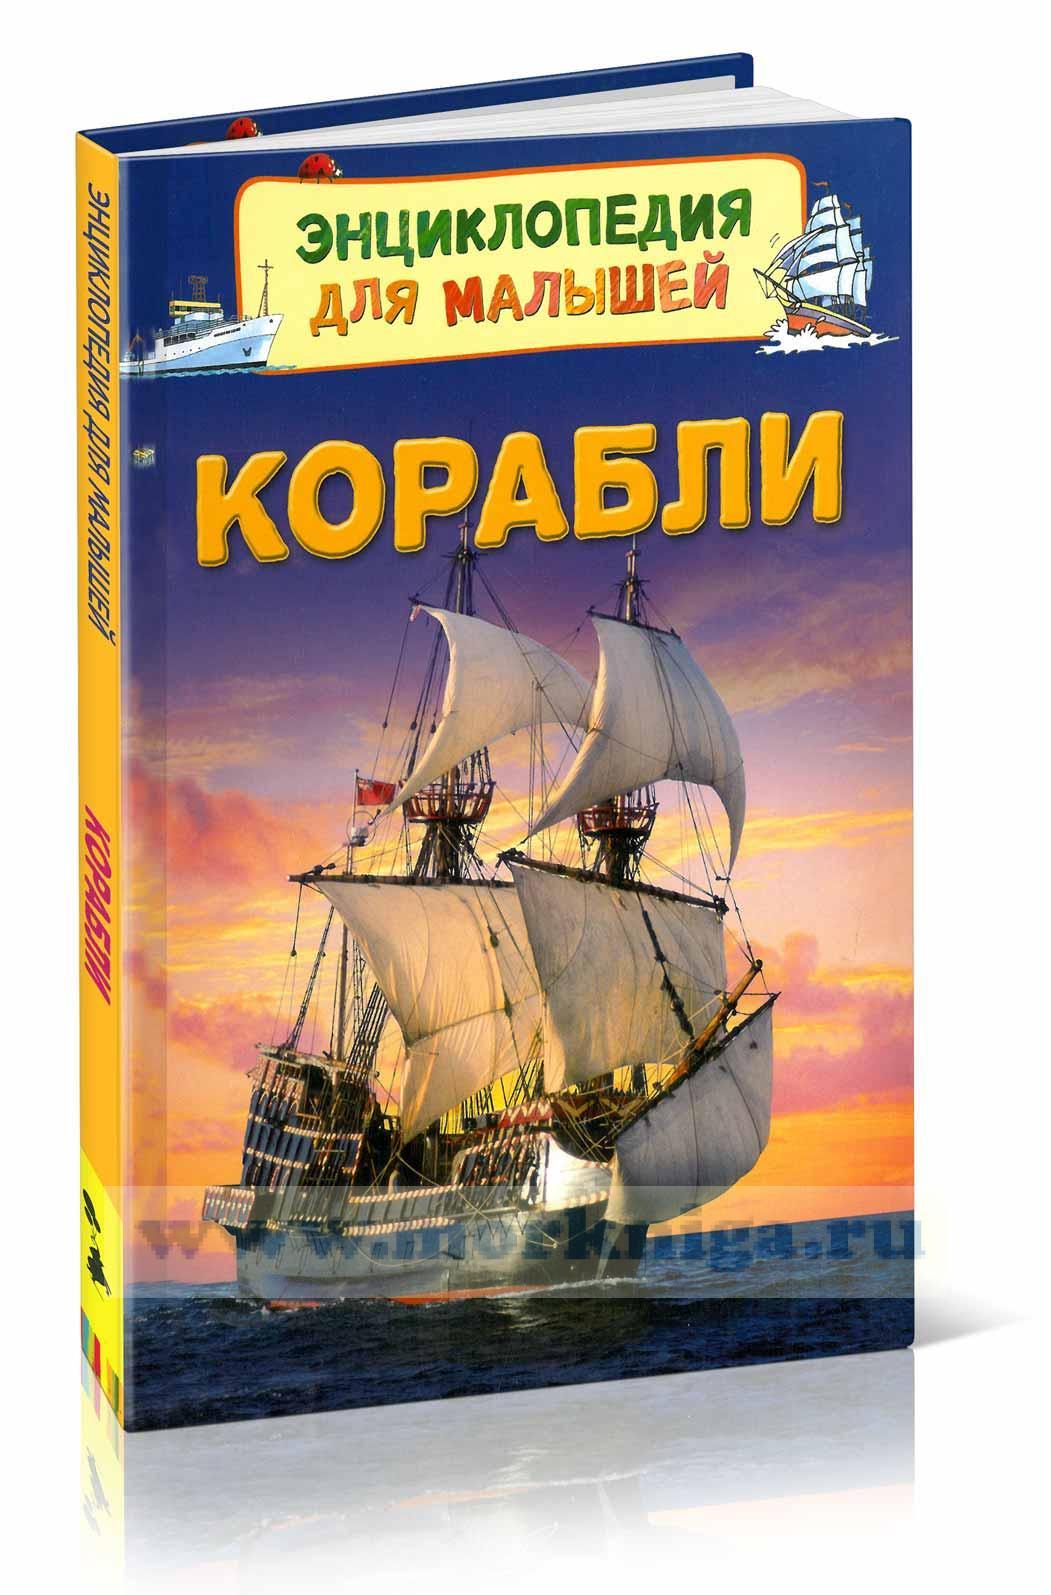 Корабли. Энциклопедия для малышей